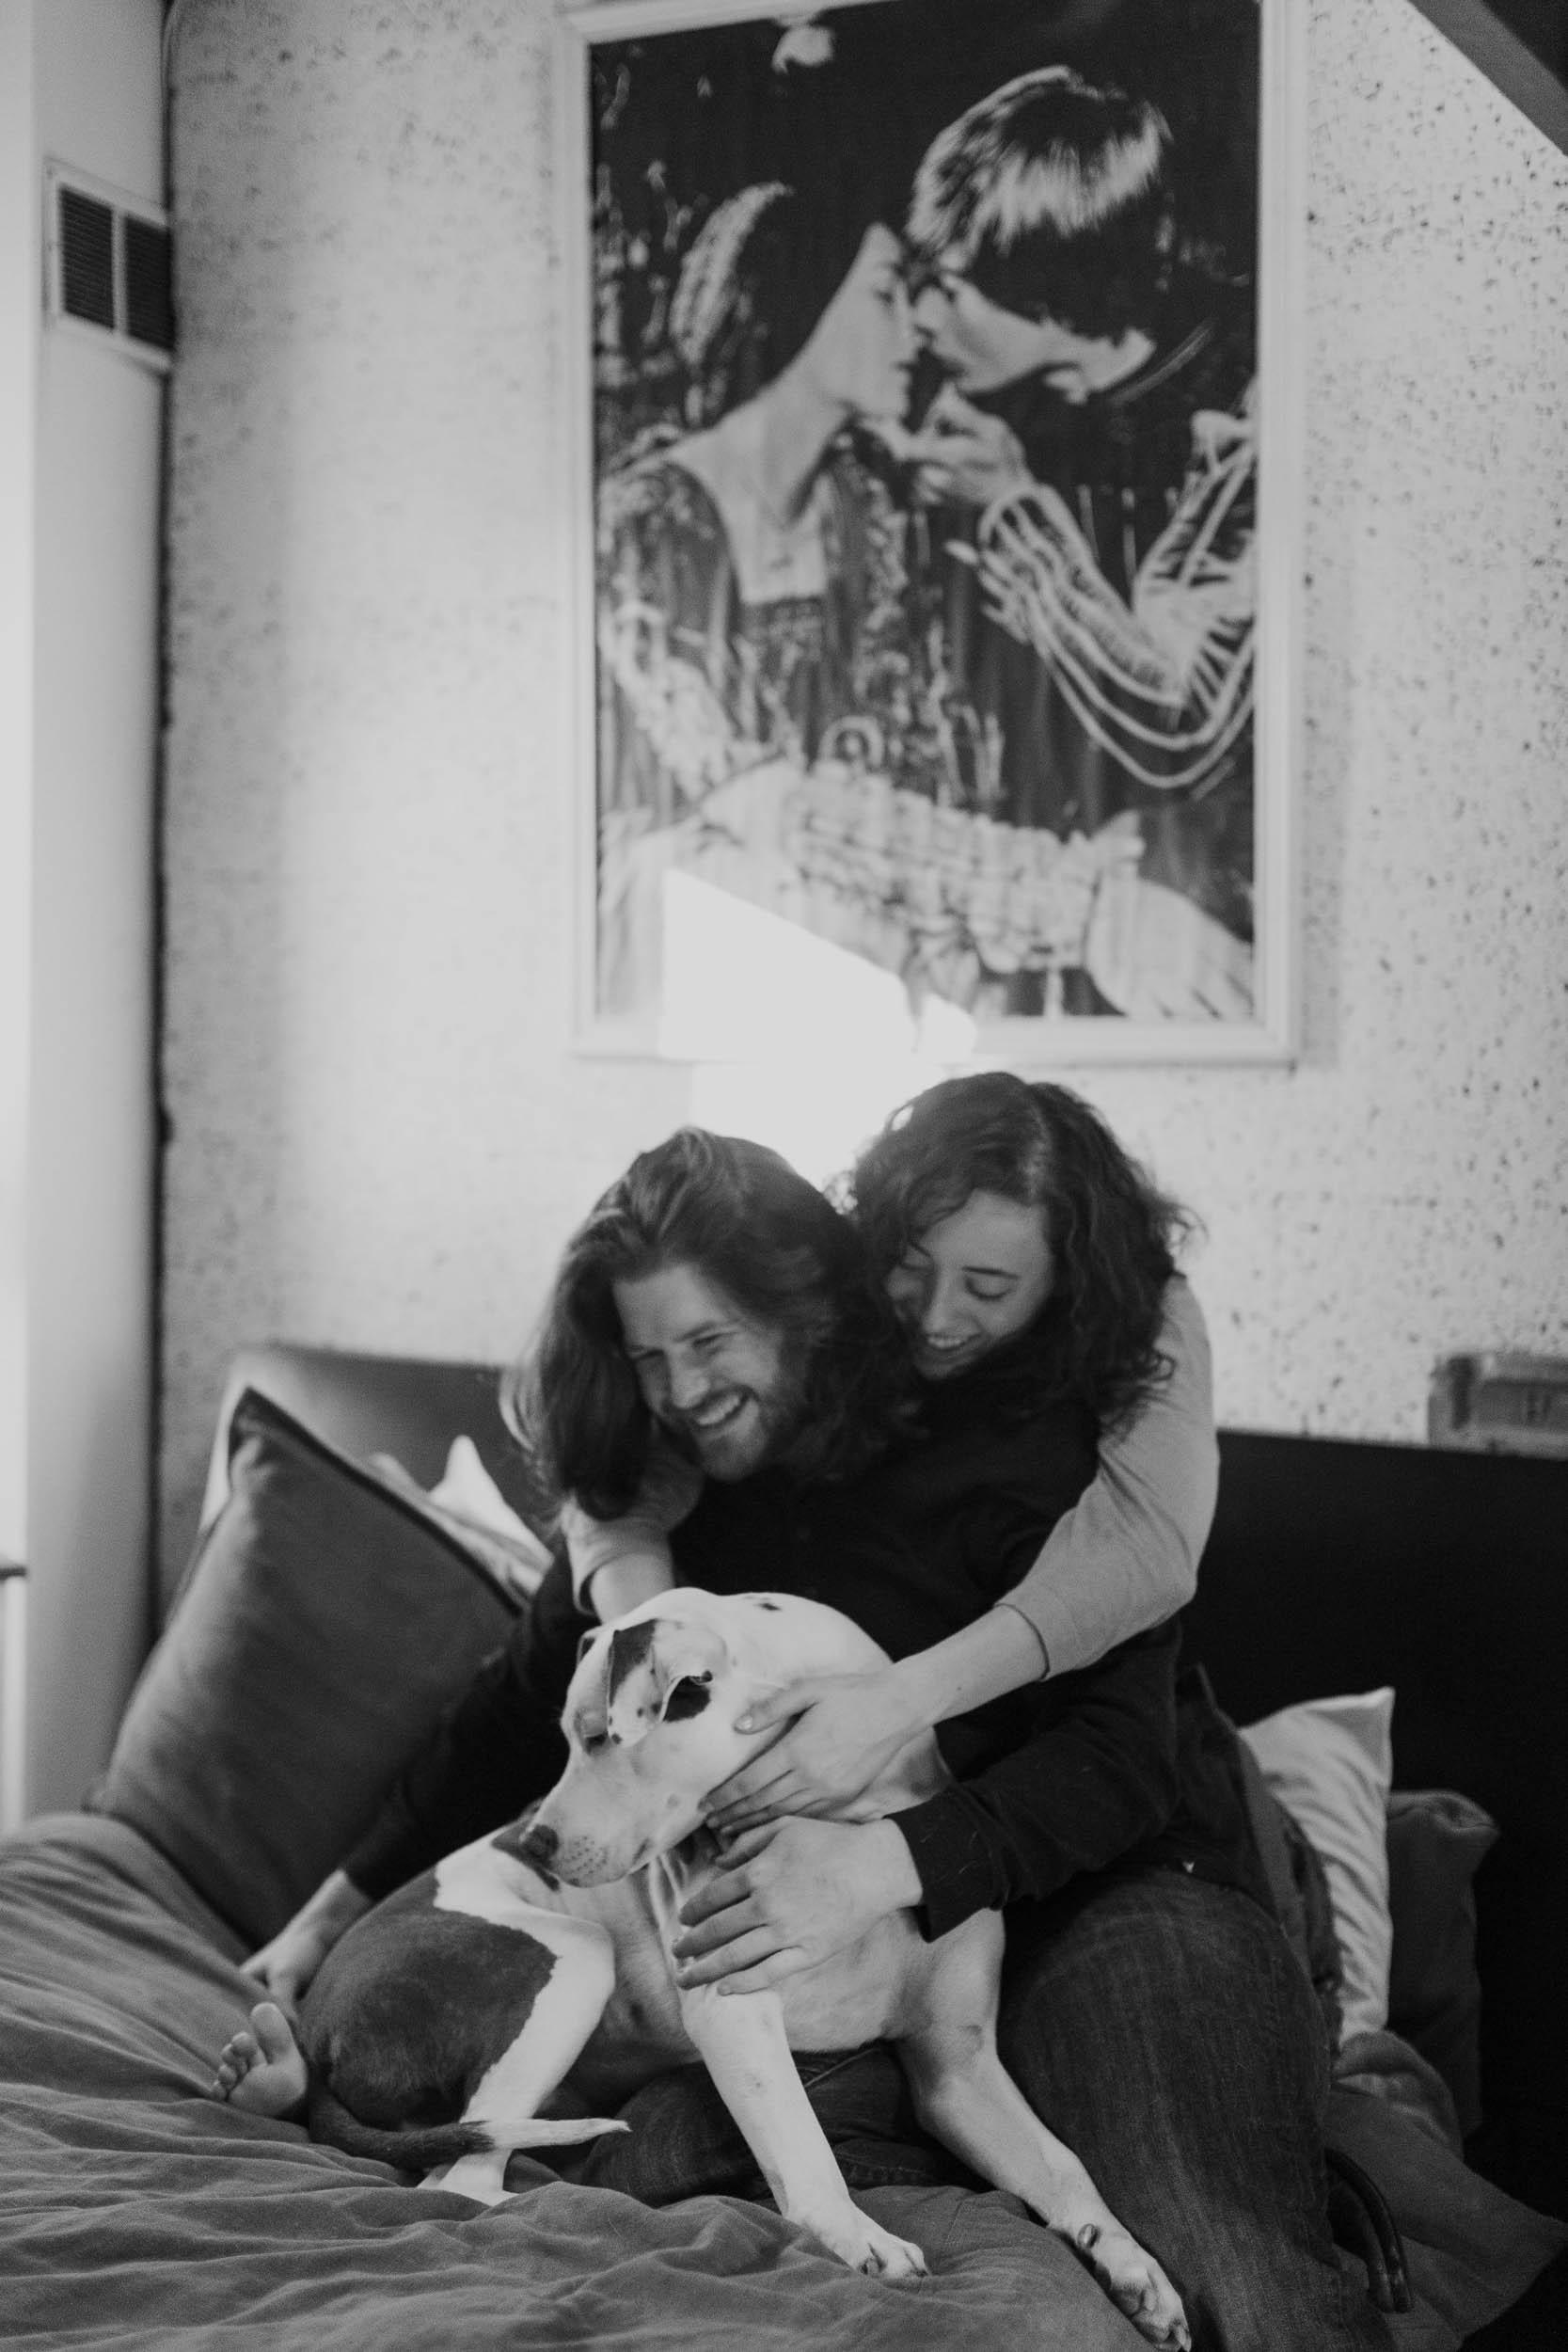 Kristen-Humbert-Family-Photoshoot-Philadelphia_Ruby-James-W-2-20.jpg